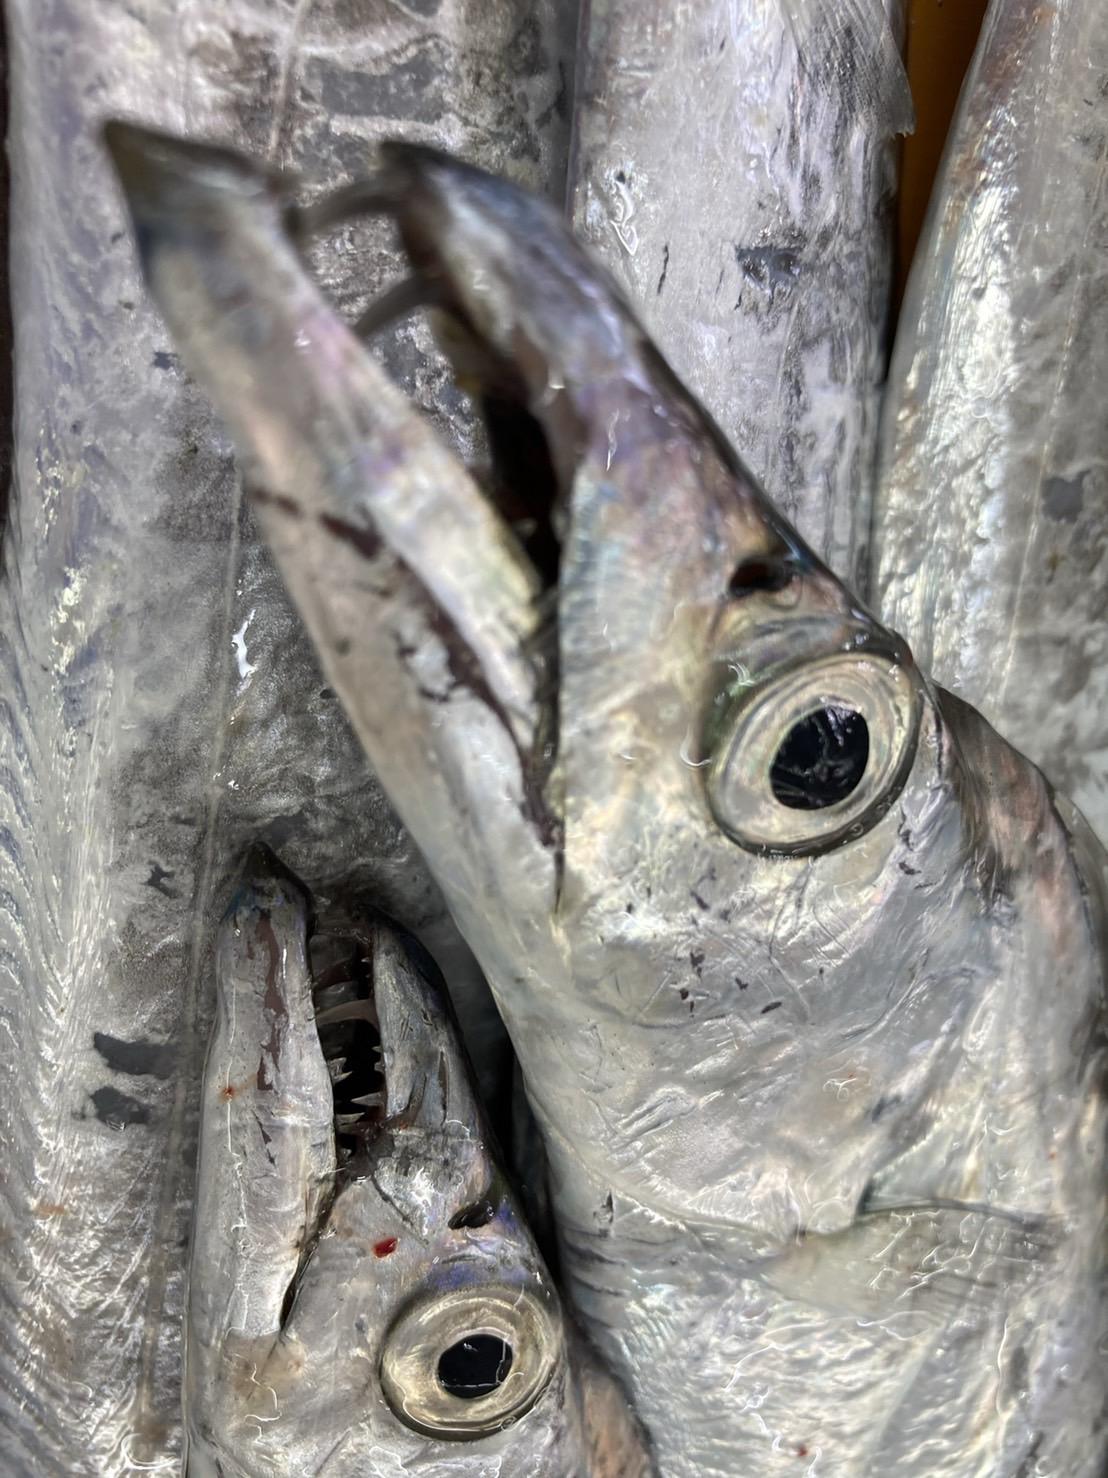 タチウオは田辺芳養堤防で釣れているようです。